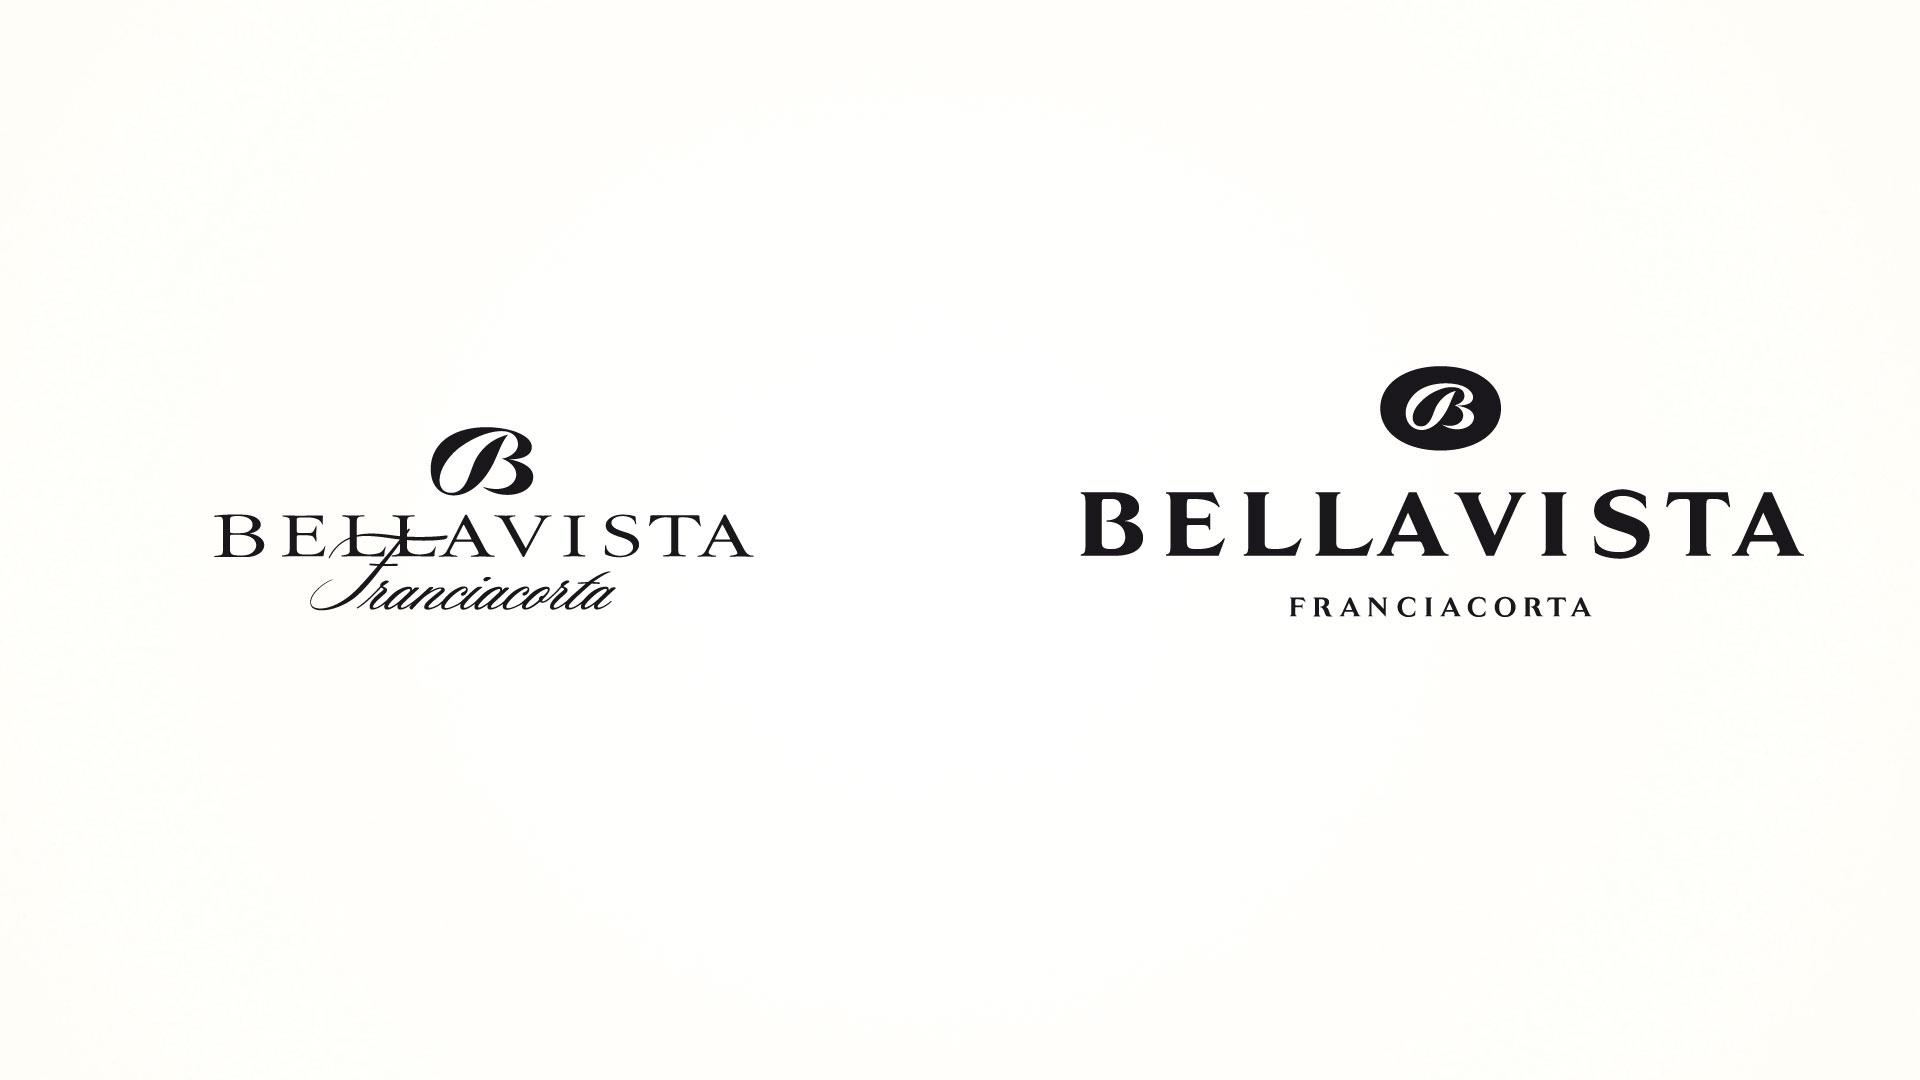 Terra Moretti Bellavista Branding